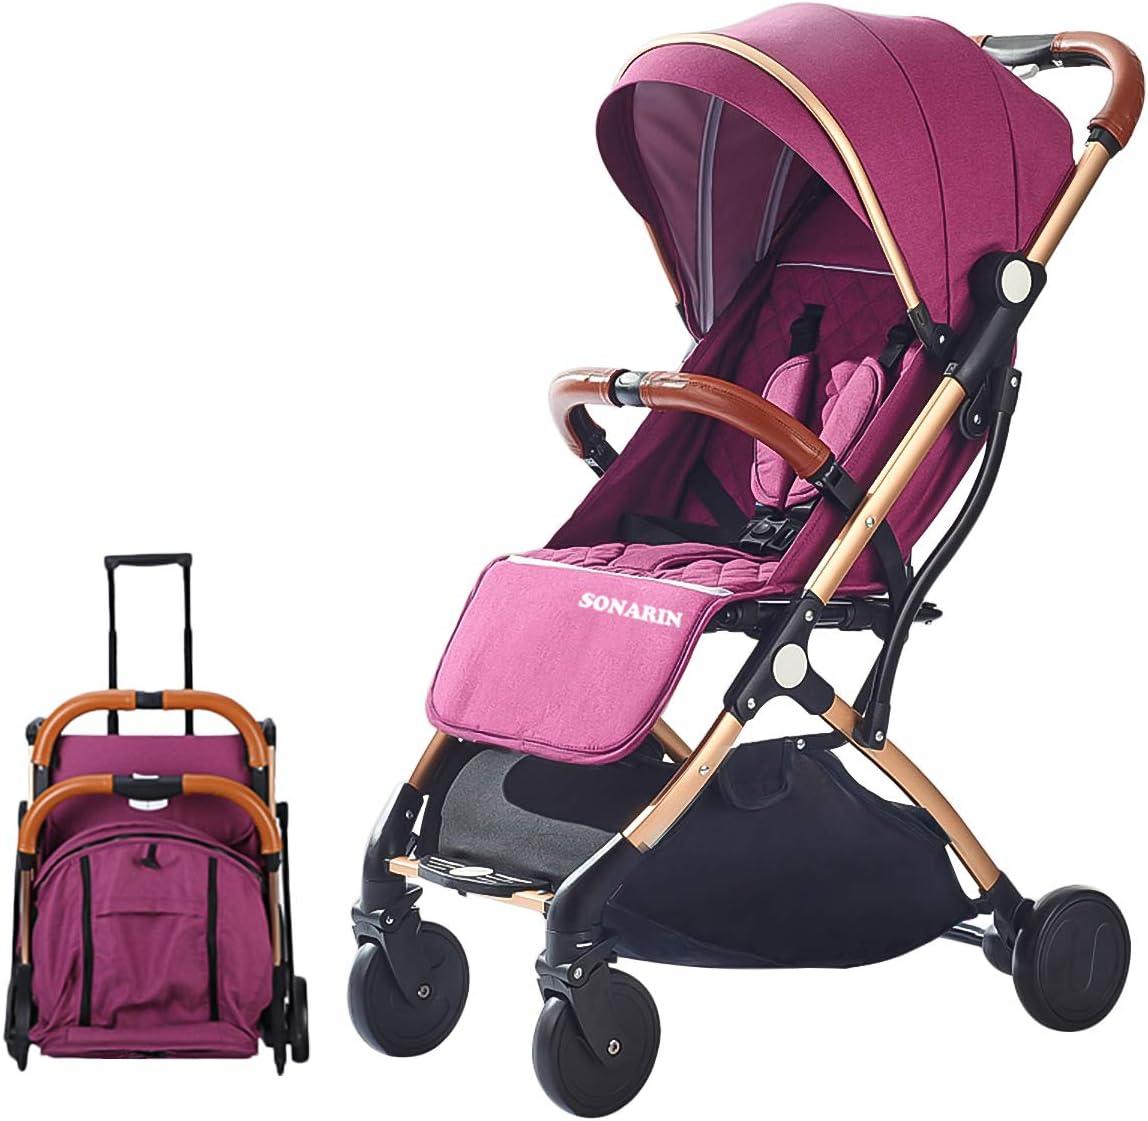 SONARIN Silla de paseo ligera y compacta,cochecito de portátil,plegable con una mano,arnés de cinco puntos,ideal para Avión(Púrpura)